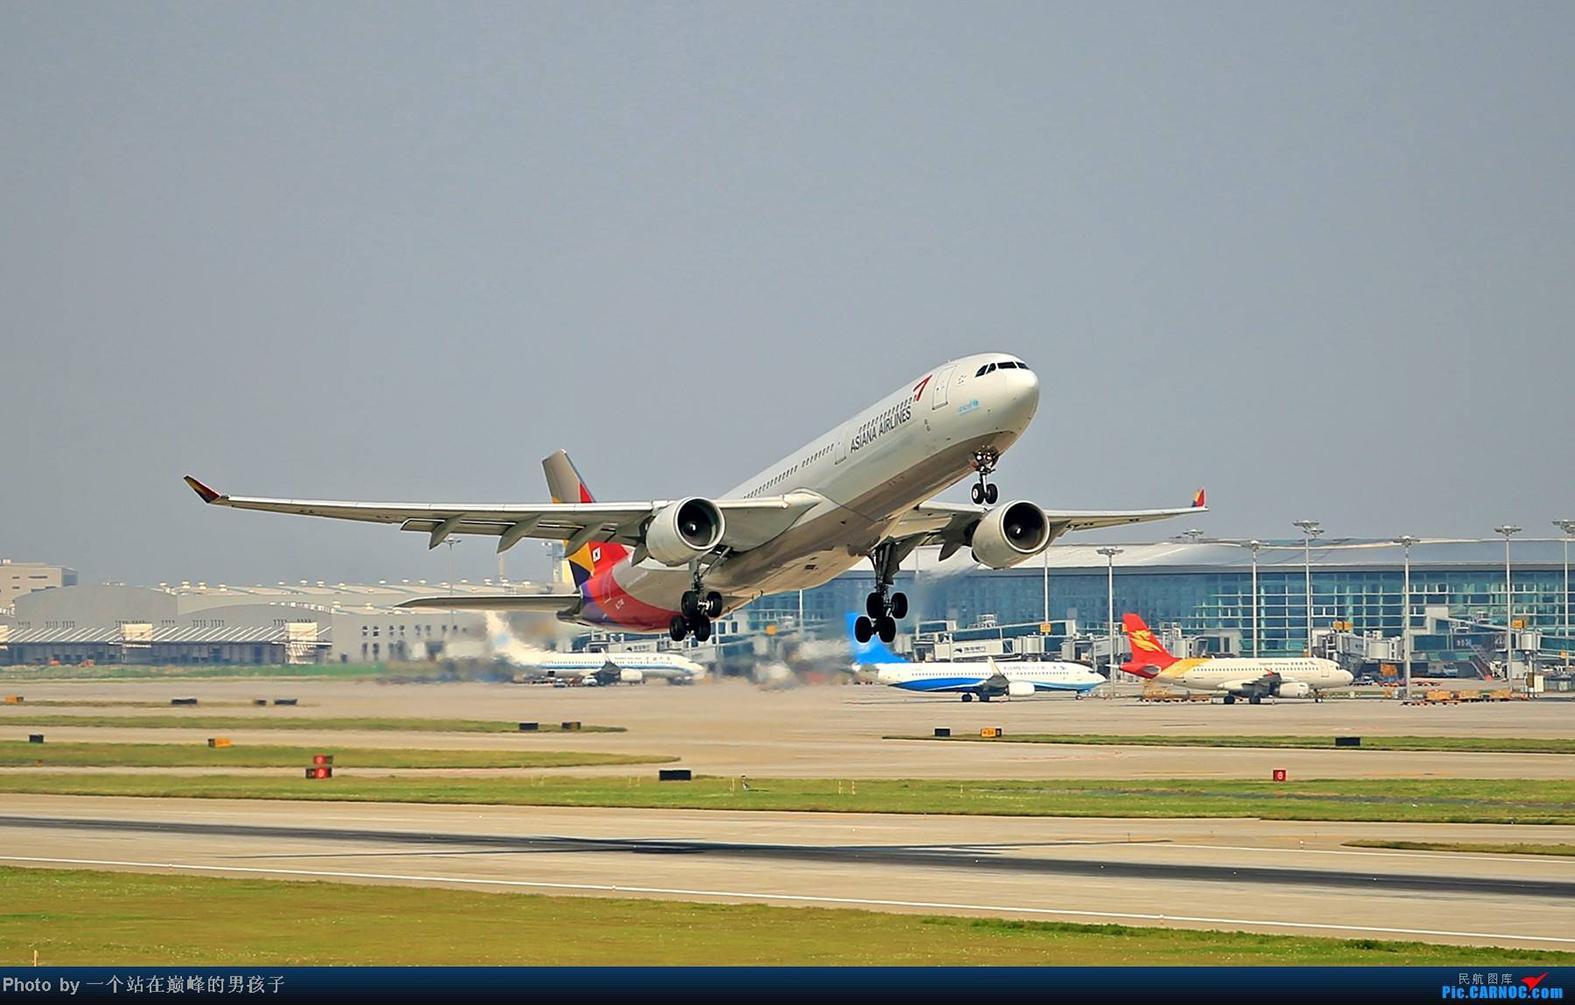 杭甬温三大机场总体规划相继获批 浙江三大空中门户擘画航空蓝图